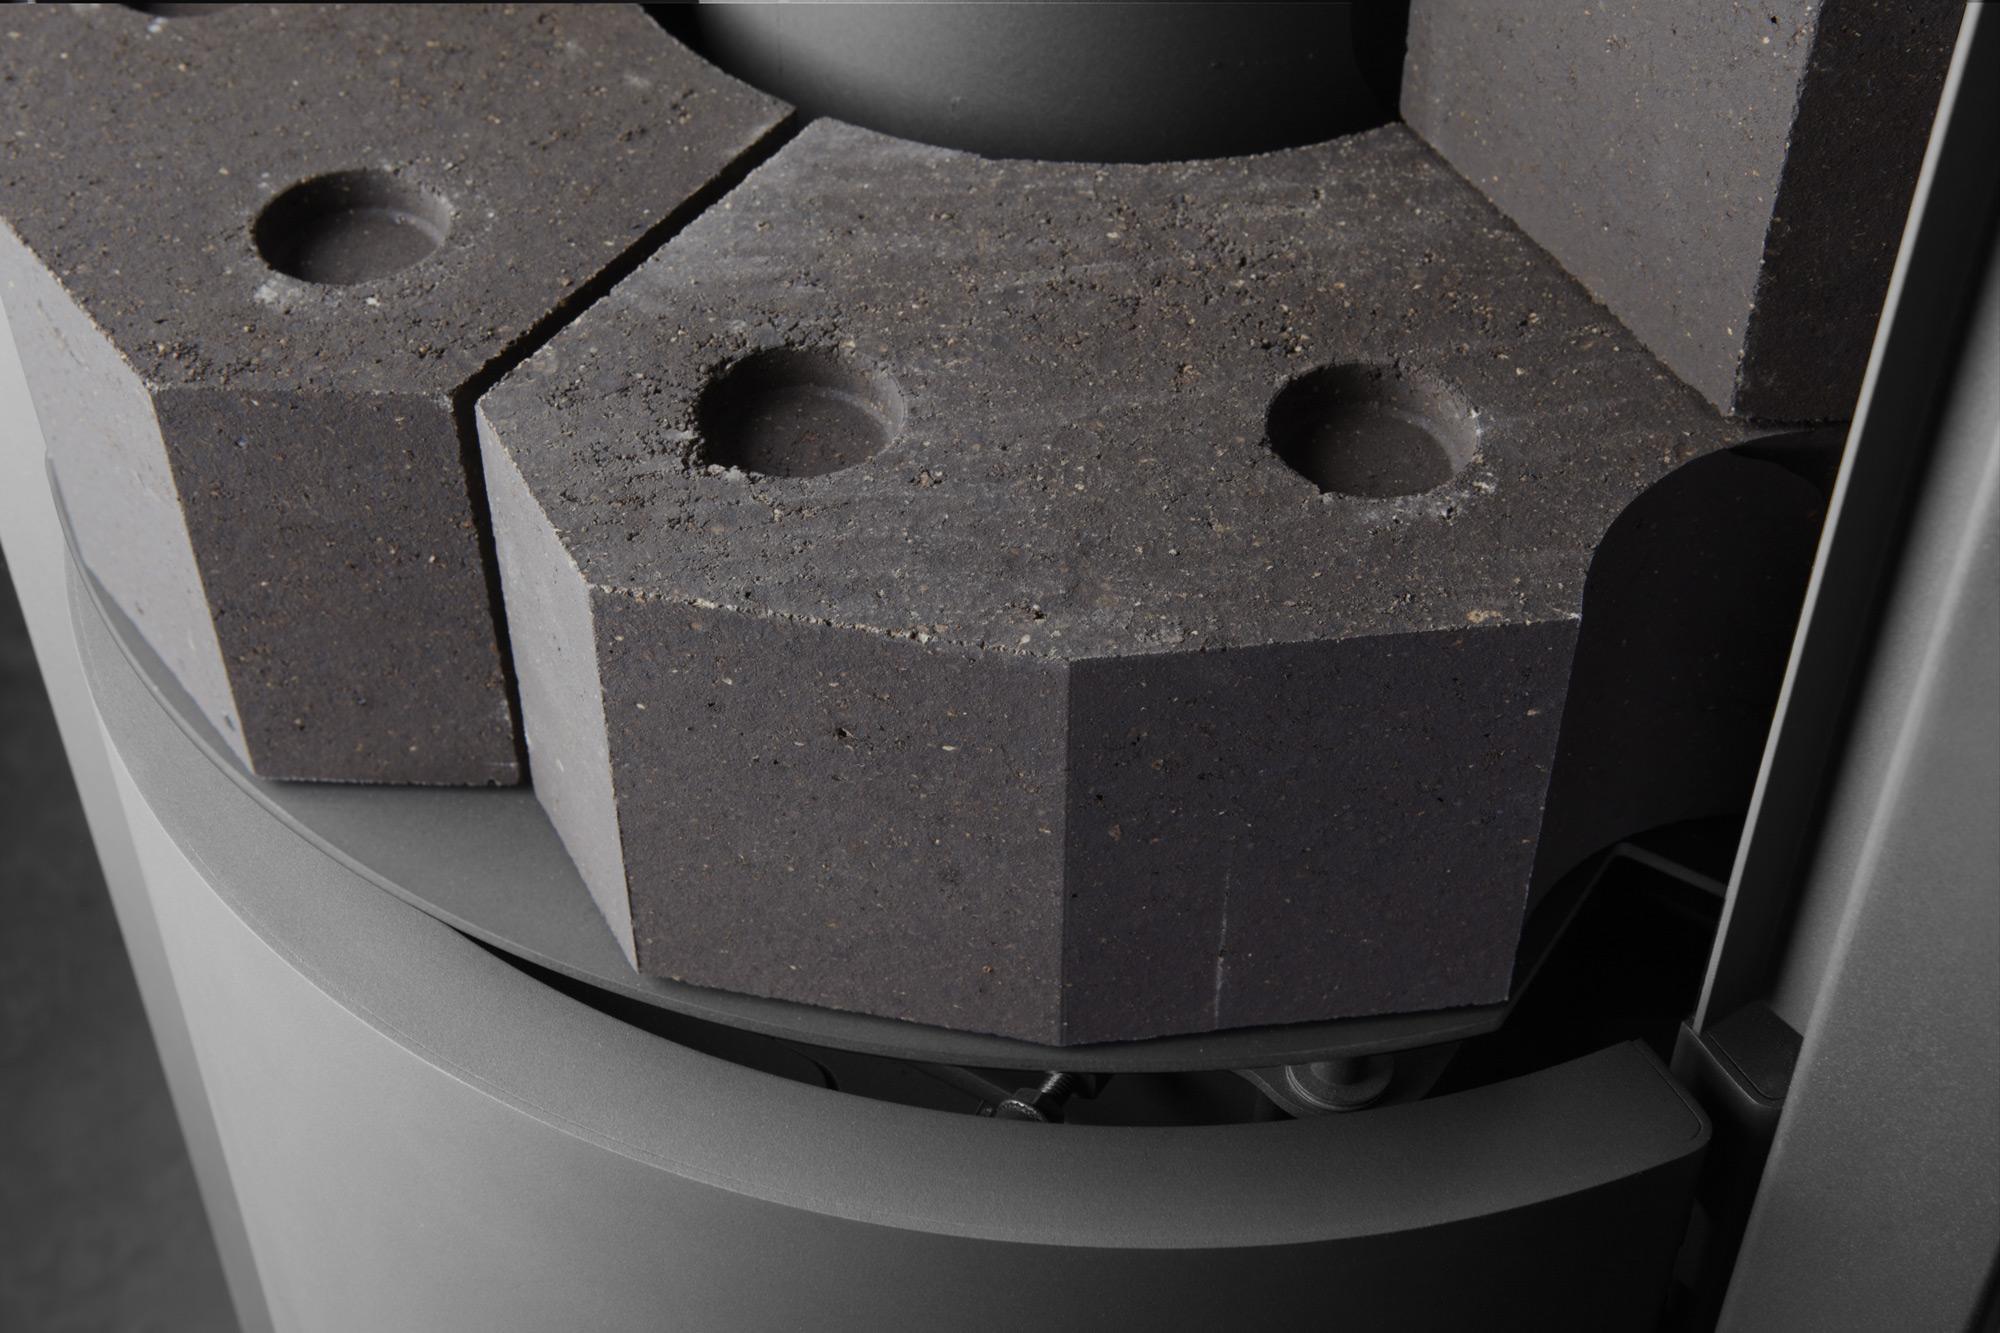 poele a bois accumulateur de chaleur obtenez des id es de design int ressantes. Black Bedroom Furniture Sets. Home Design Ideas